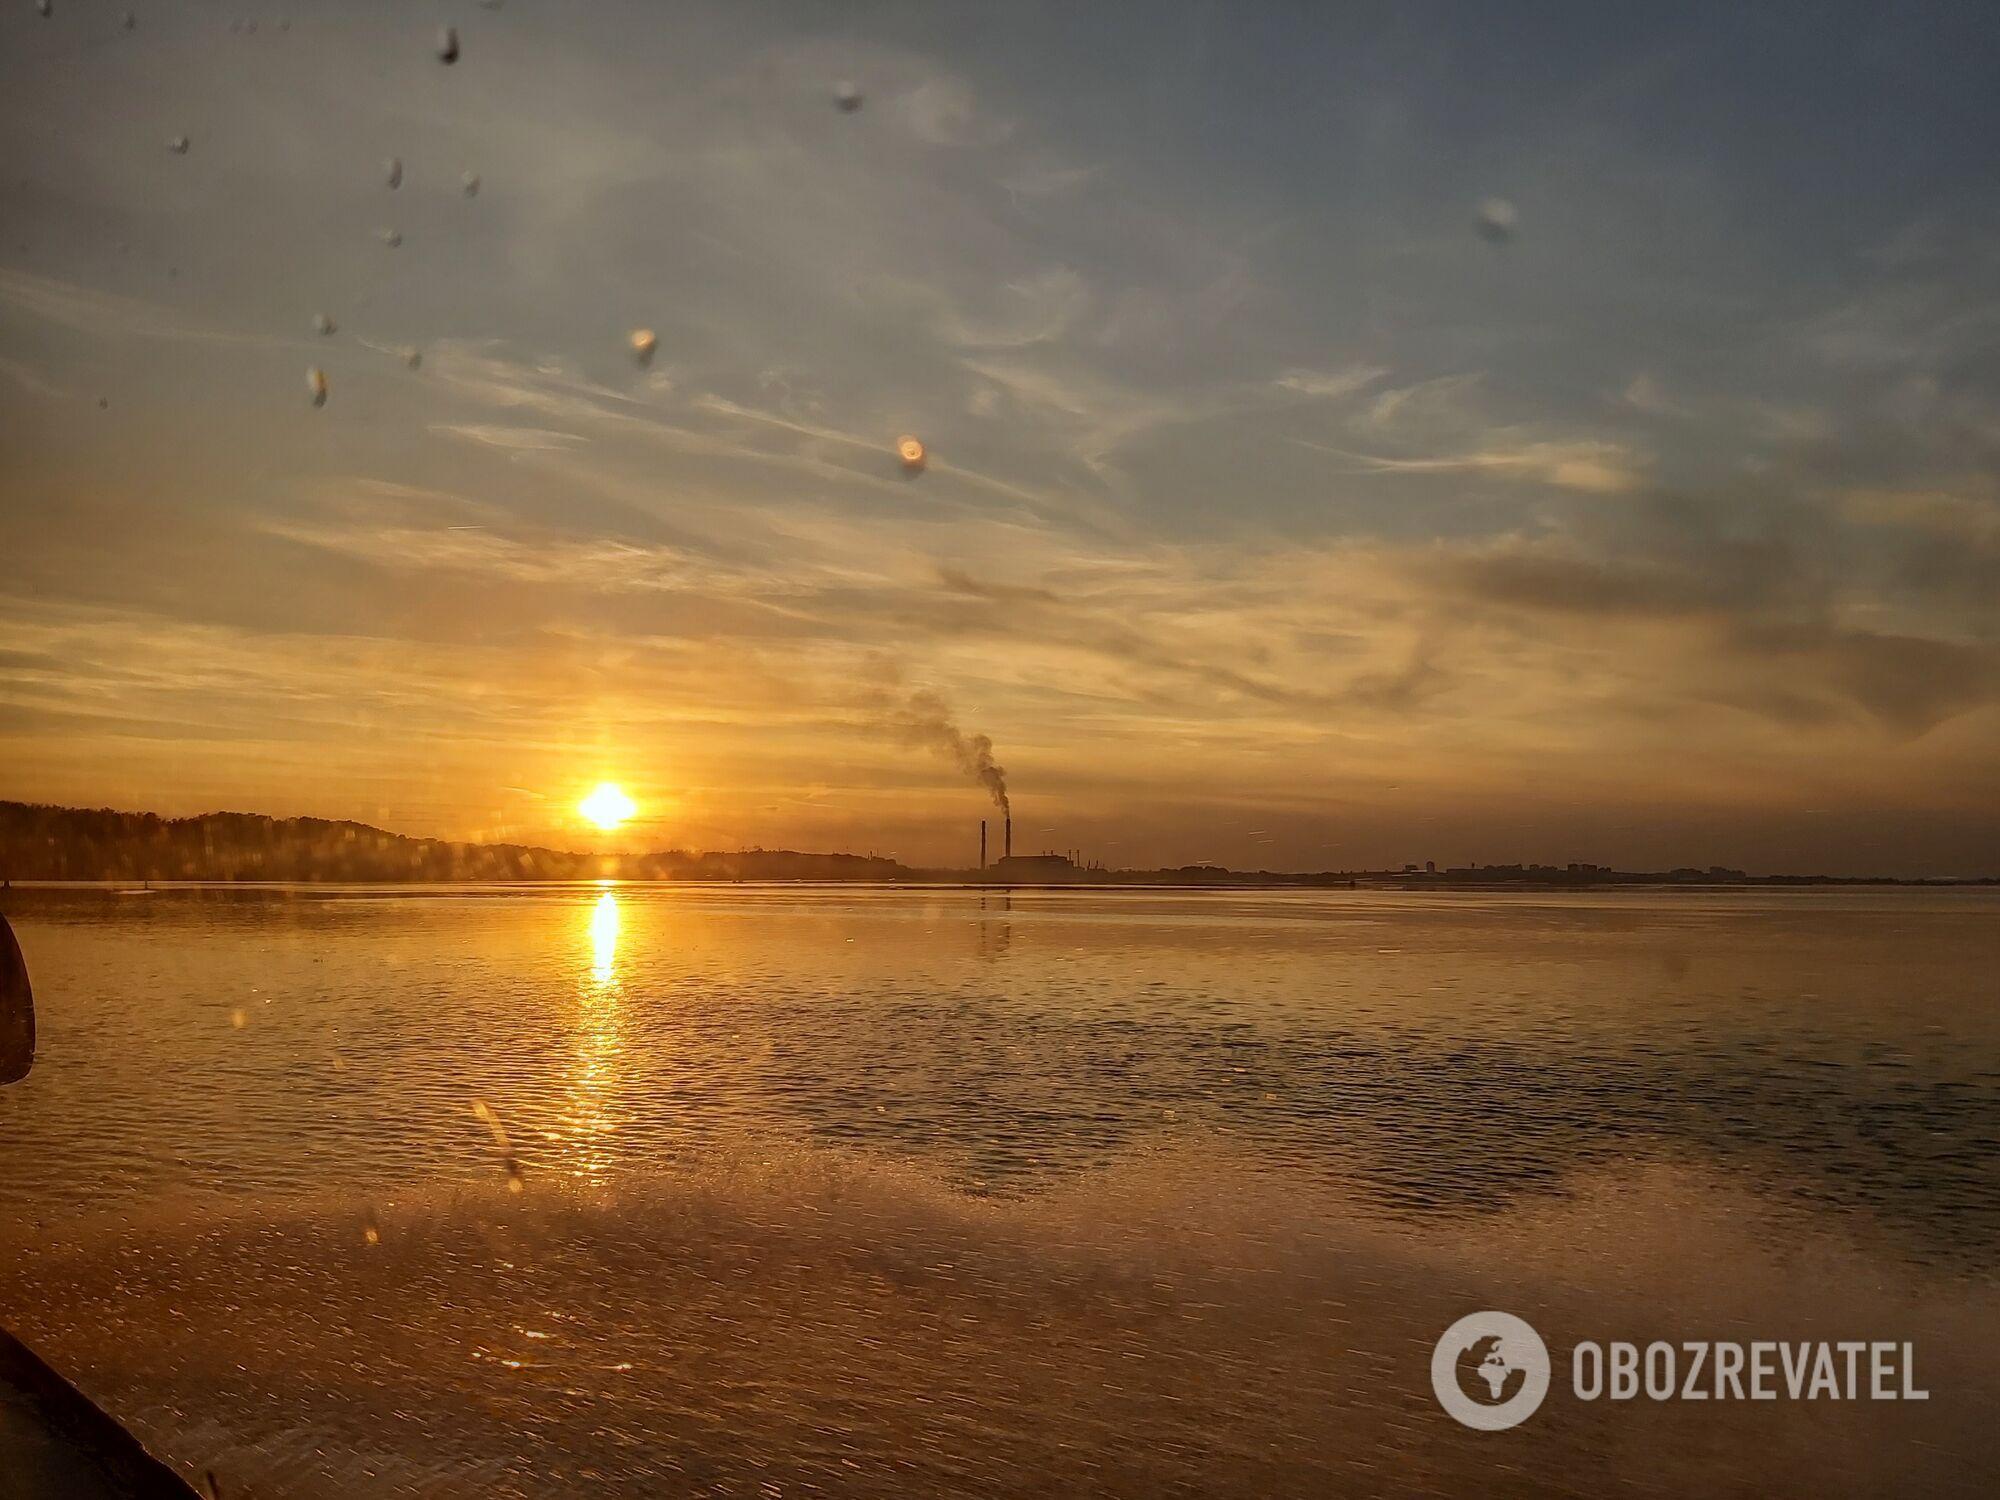 Вид на захід сонця над містом Українка із Дніпра